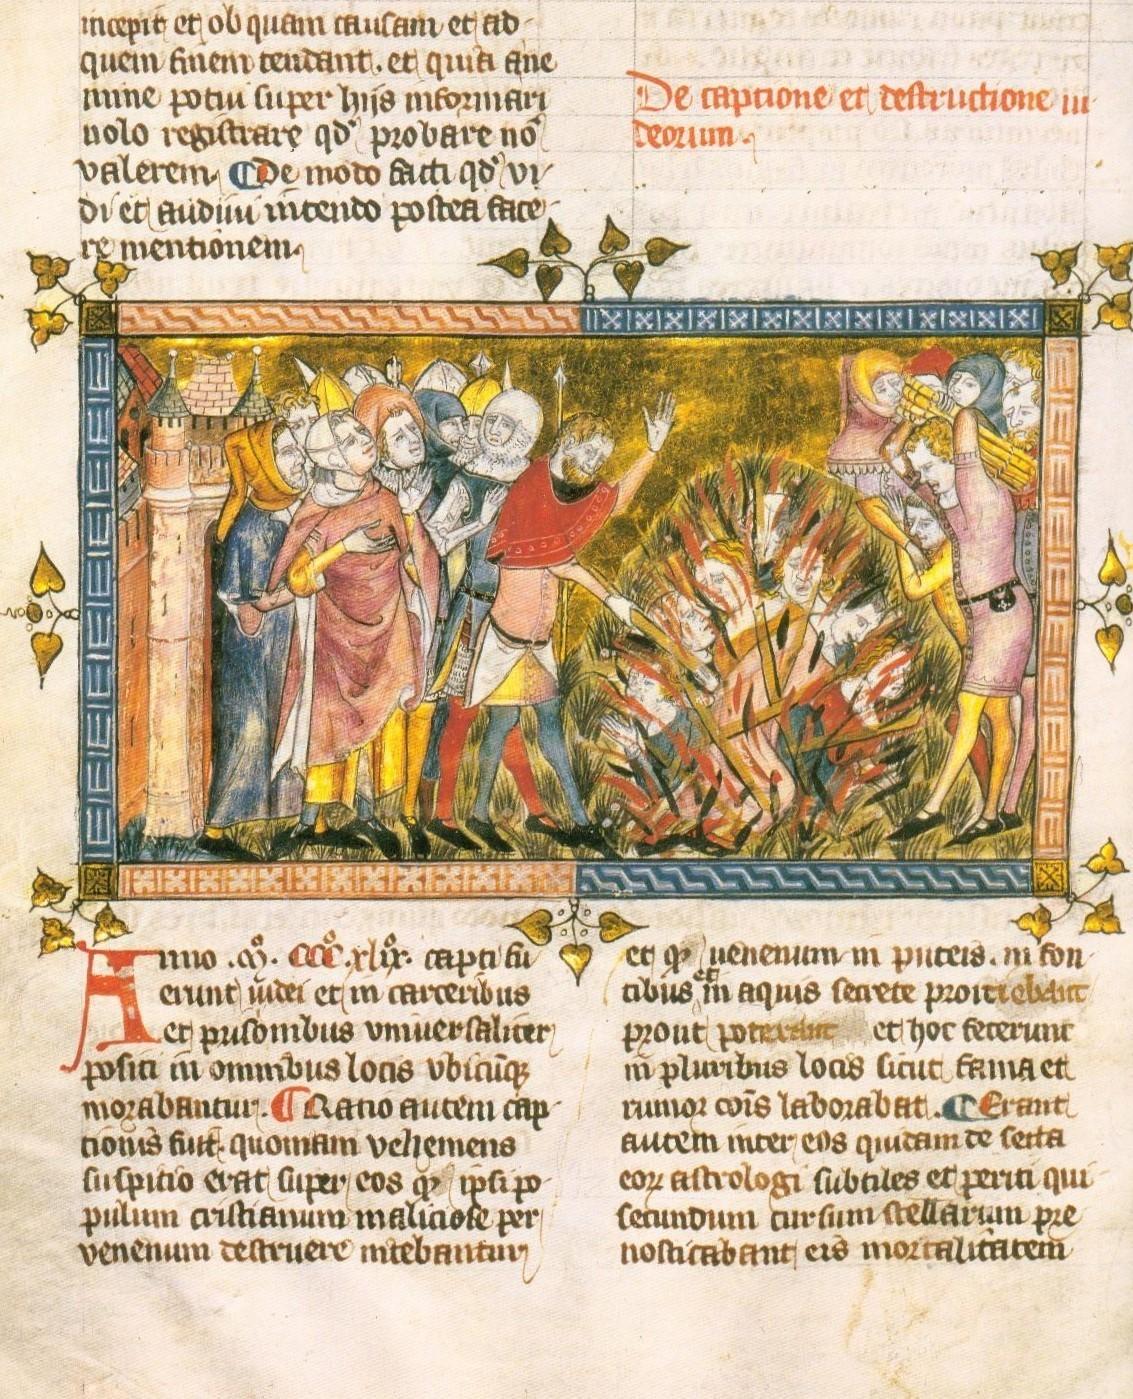 Страница с описанием казни евреев из хроники Жиляли Муасиса, ок. 1350 года